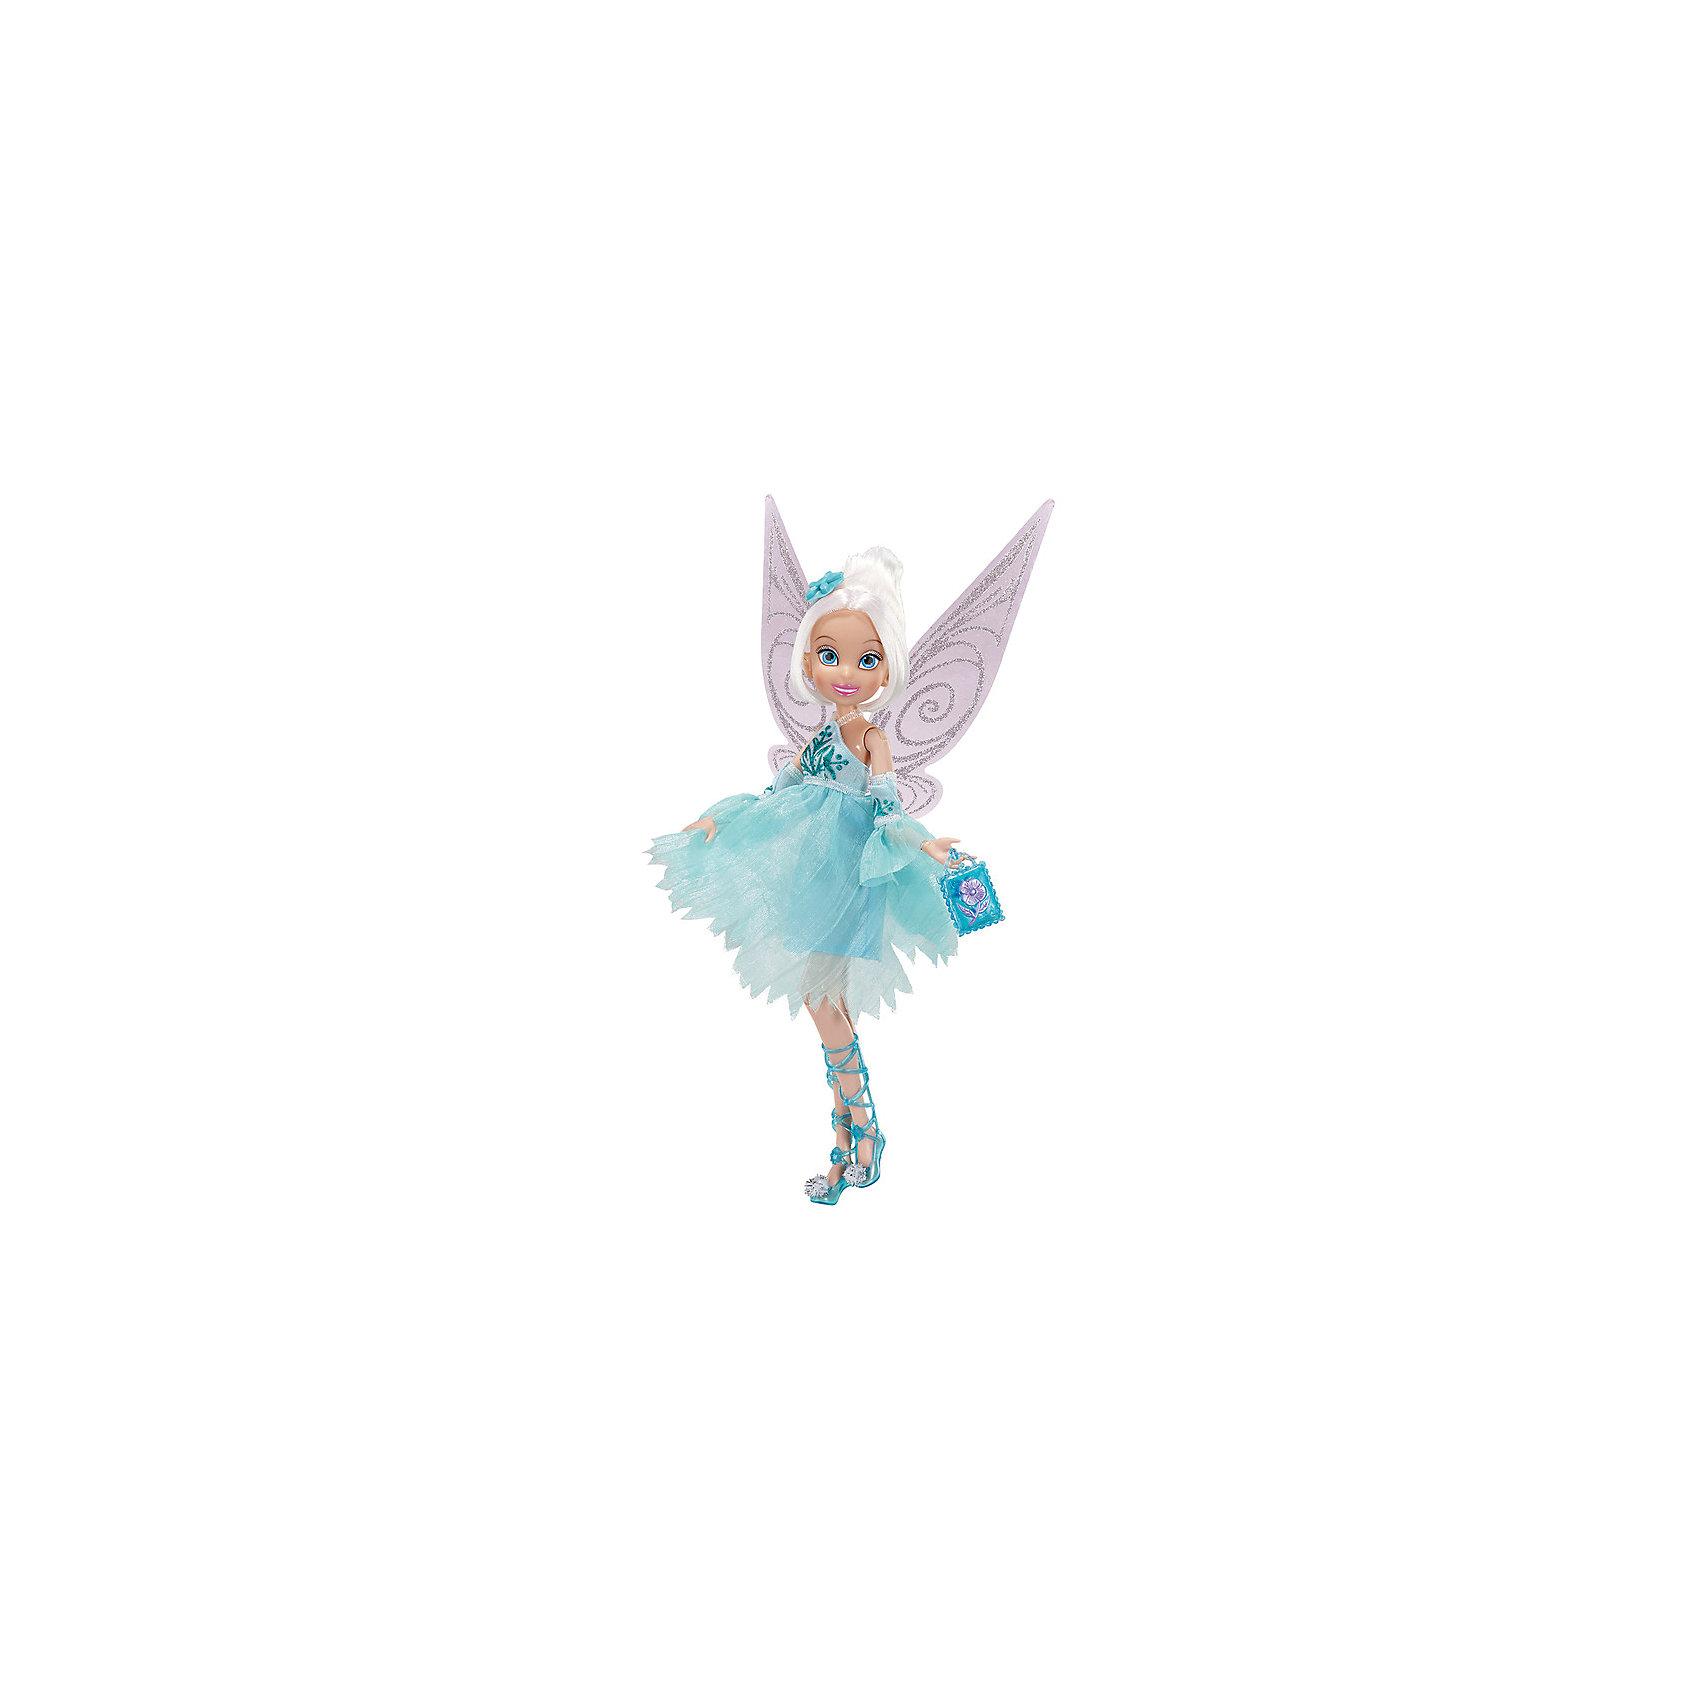 Disney Фея Делюкс Stylin Jinis, 23 см, Феи Дисней disney fairies 688710 дисней фея 11 см набор из 6 кукол